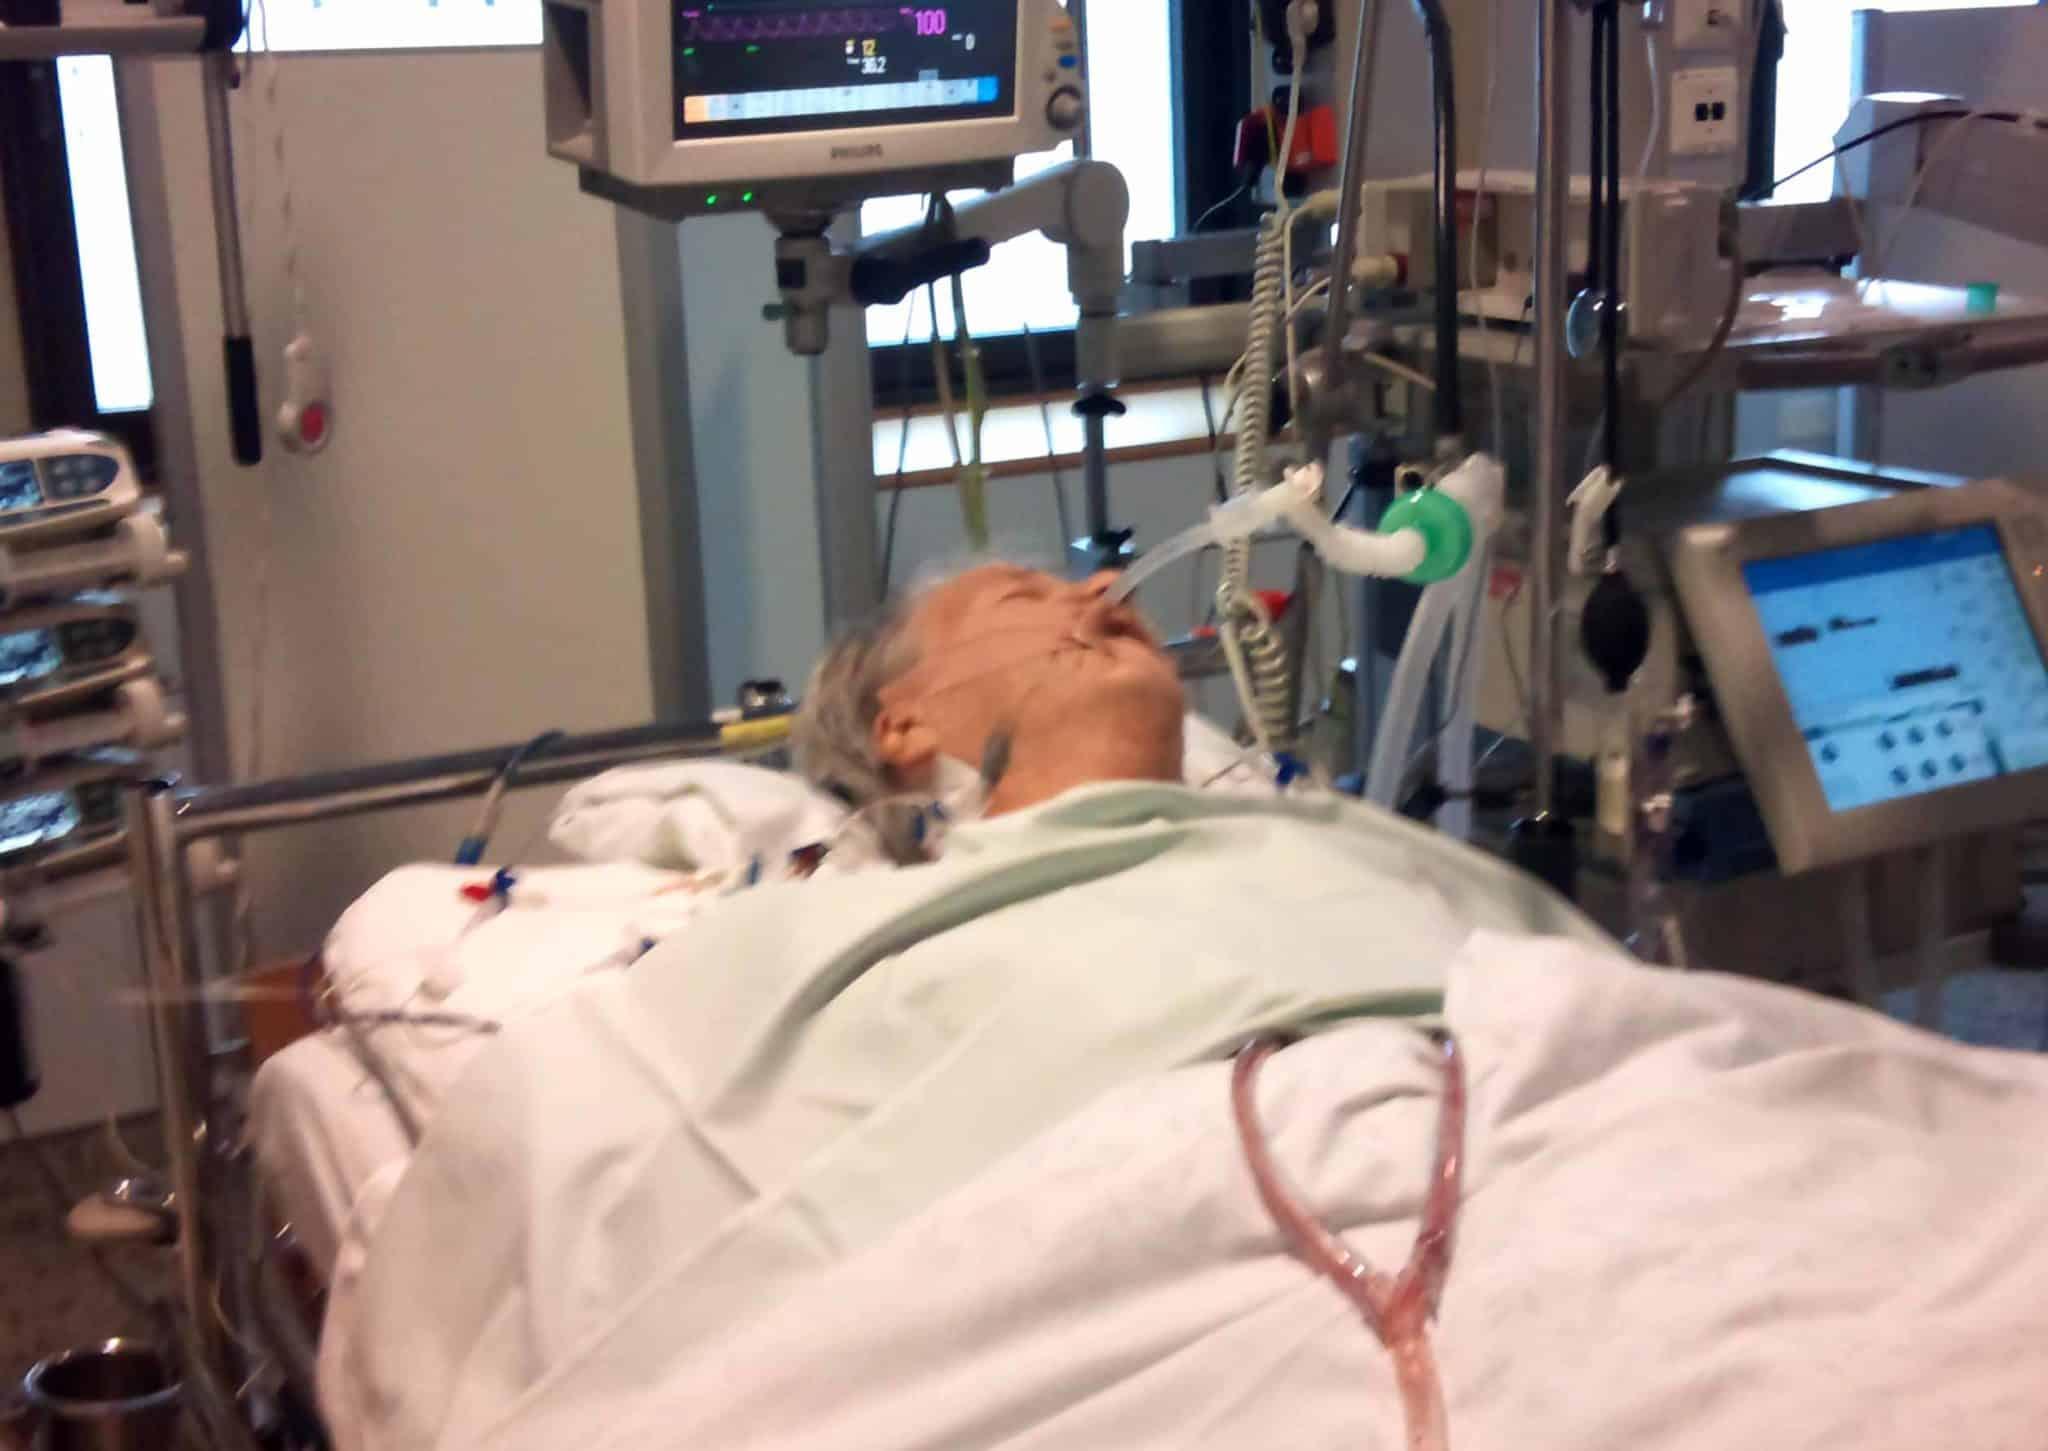 Hjerteoperasjon ferdig. Overført til postoperativ thorax